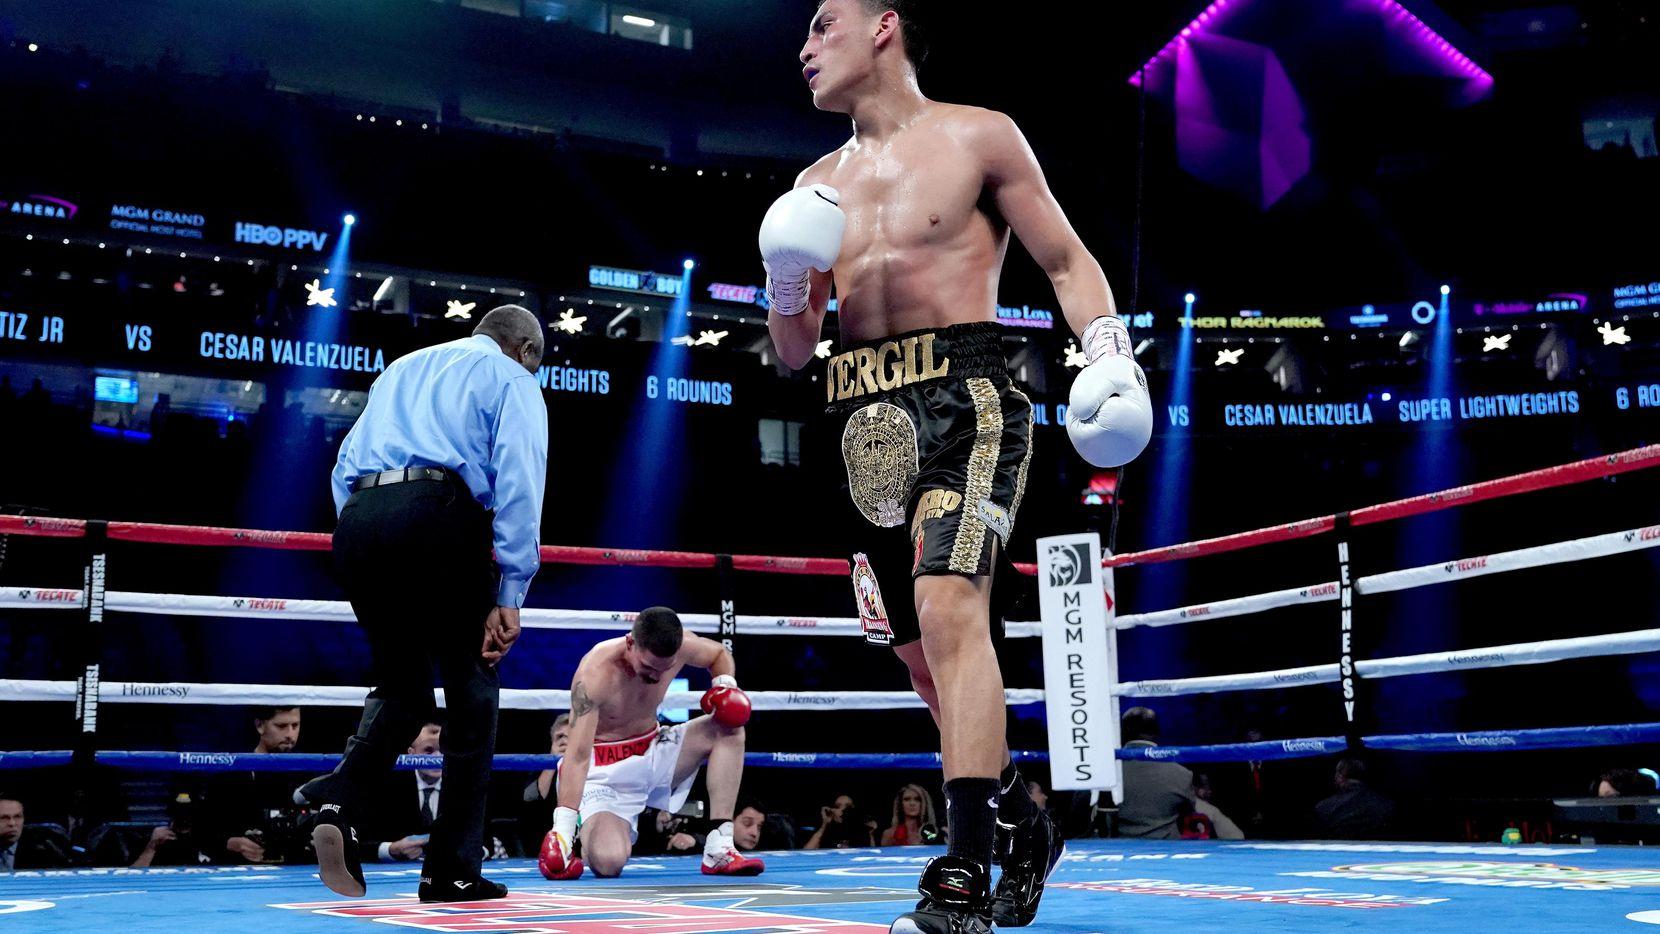 Vergil Ortiz Jr. noqueó a César Valenzuela en la cartelera de la pelea de Saúl Álvarez versus Gennady Golovkin el 16 de septiembre en Las Vegas. (Getty Images/Al Bello)